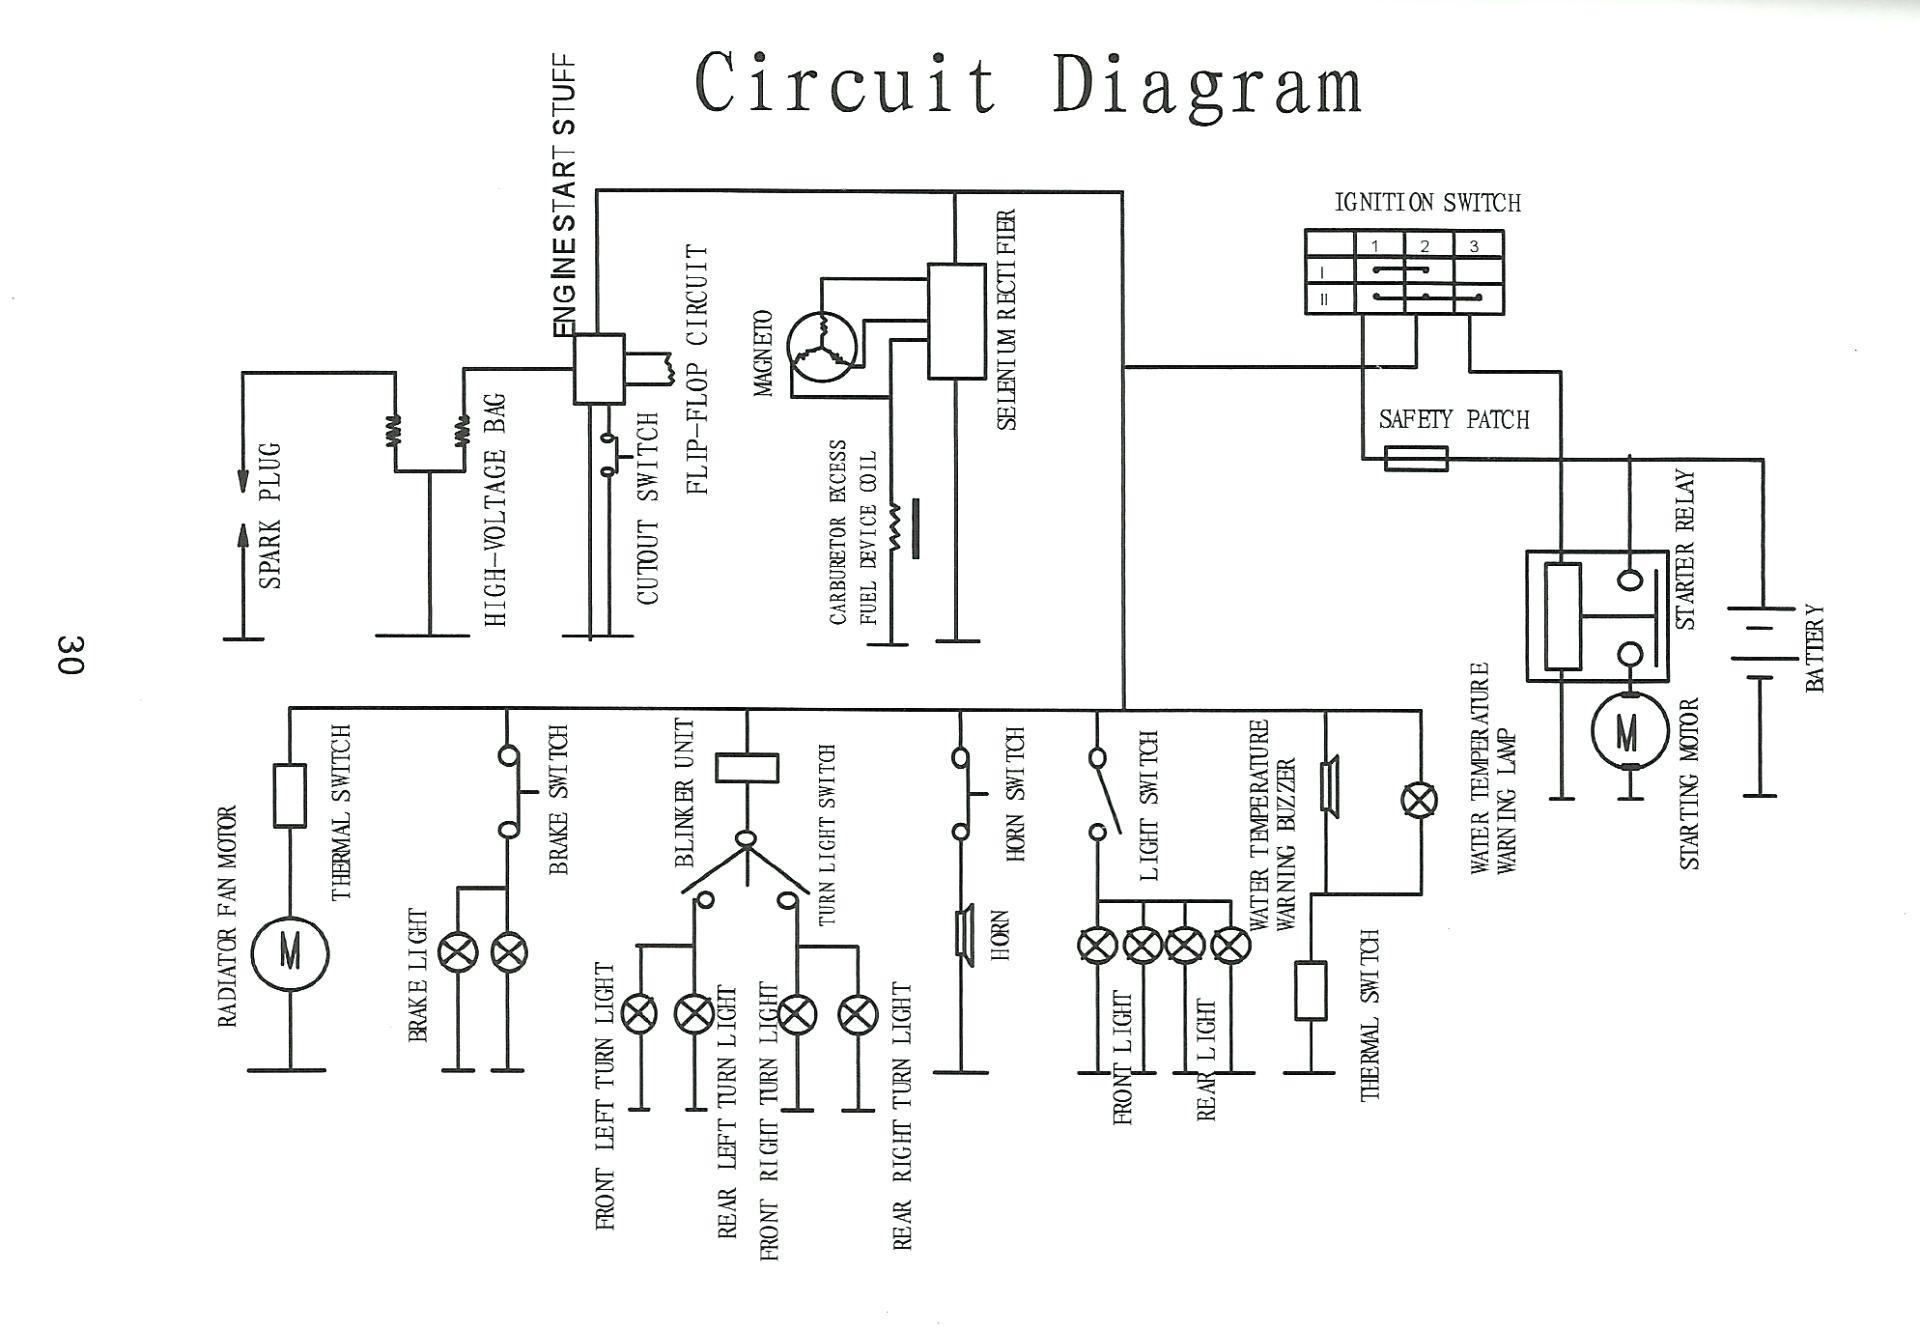 Taotao 49Cc Scooter Wiring Diagram : Taotao Atm50 A1